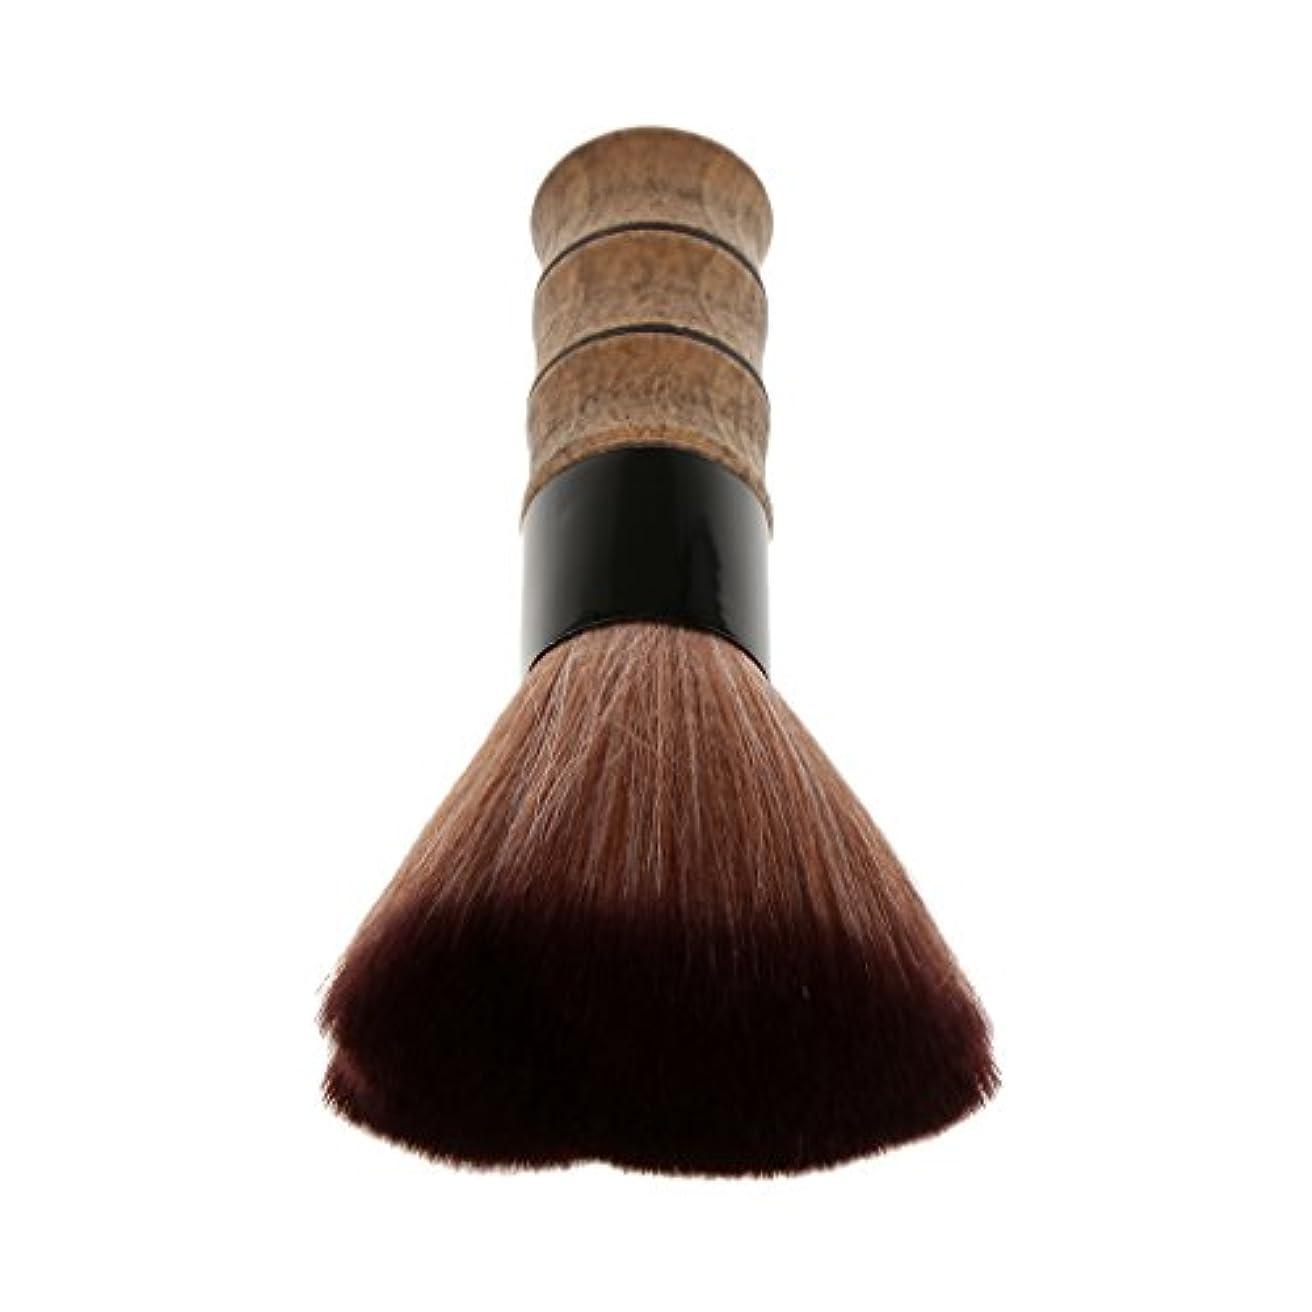 破産時々時々茎シェービングブラシ 洗顔 美容ブラシ メイクブラシ ソフトファイバー 竹ハンドル シェービング ブラシ スキンケア メイクアップ 2色選べる - 褐色